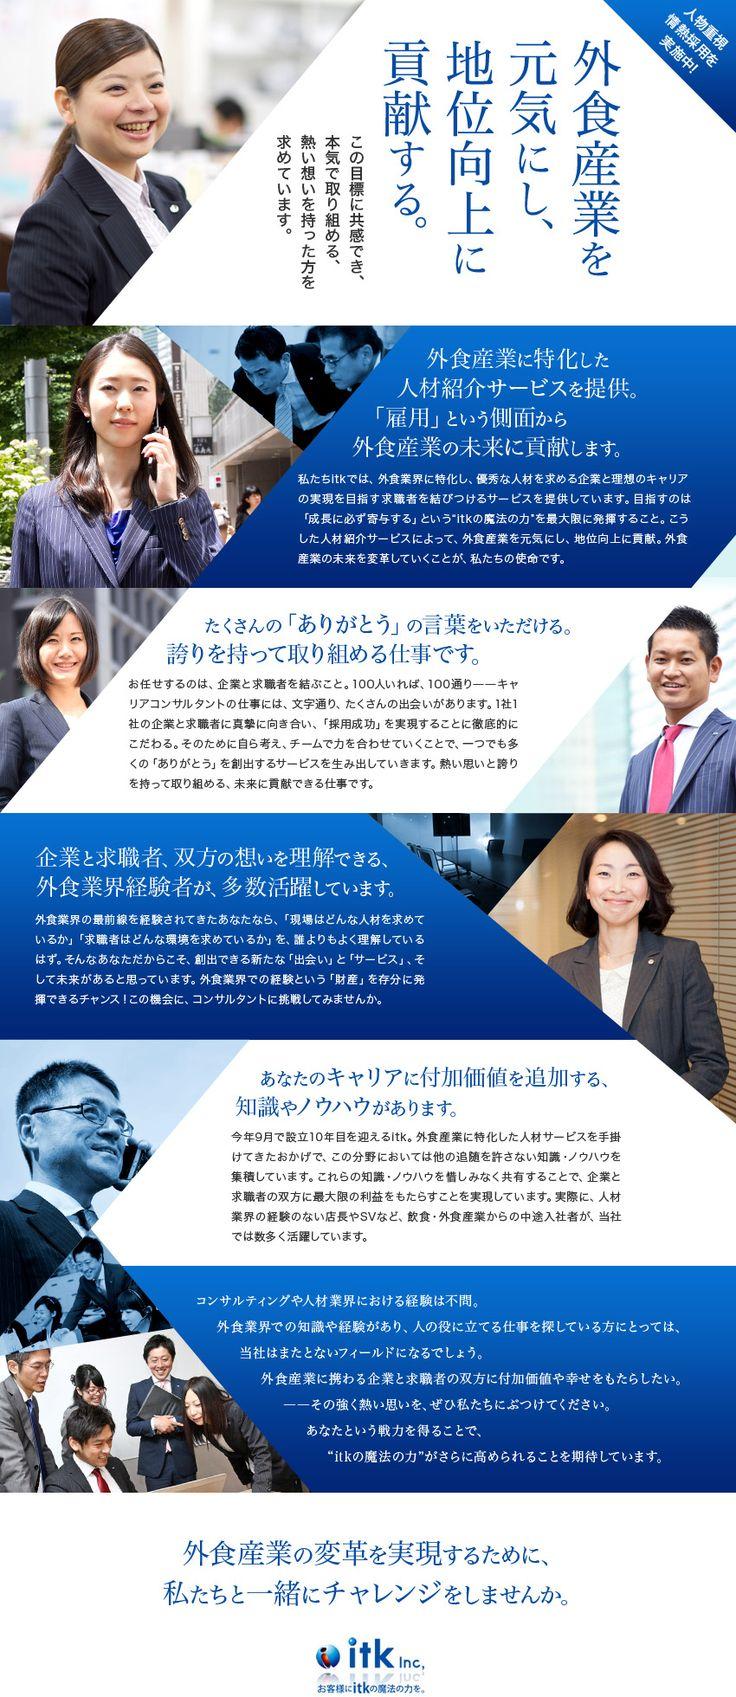 株式会社 i t k(アイティーケー)/外食産業に特化した キャリアコンサルタントの求人PR - 転職ならDODA(デューダ)